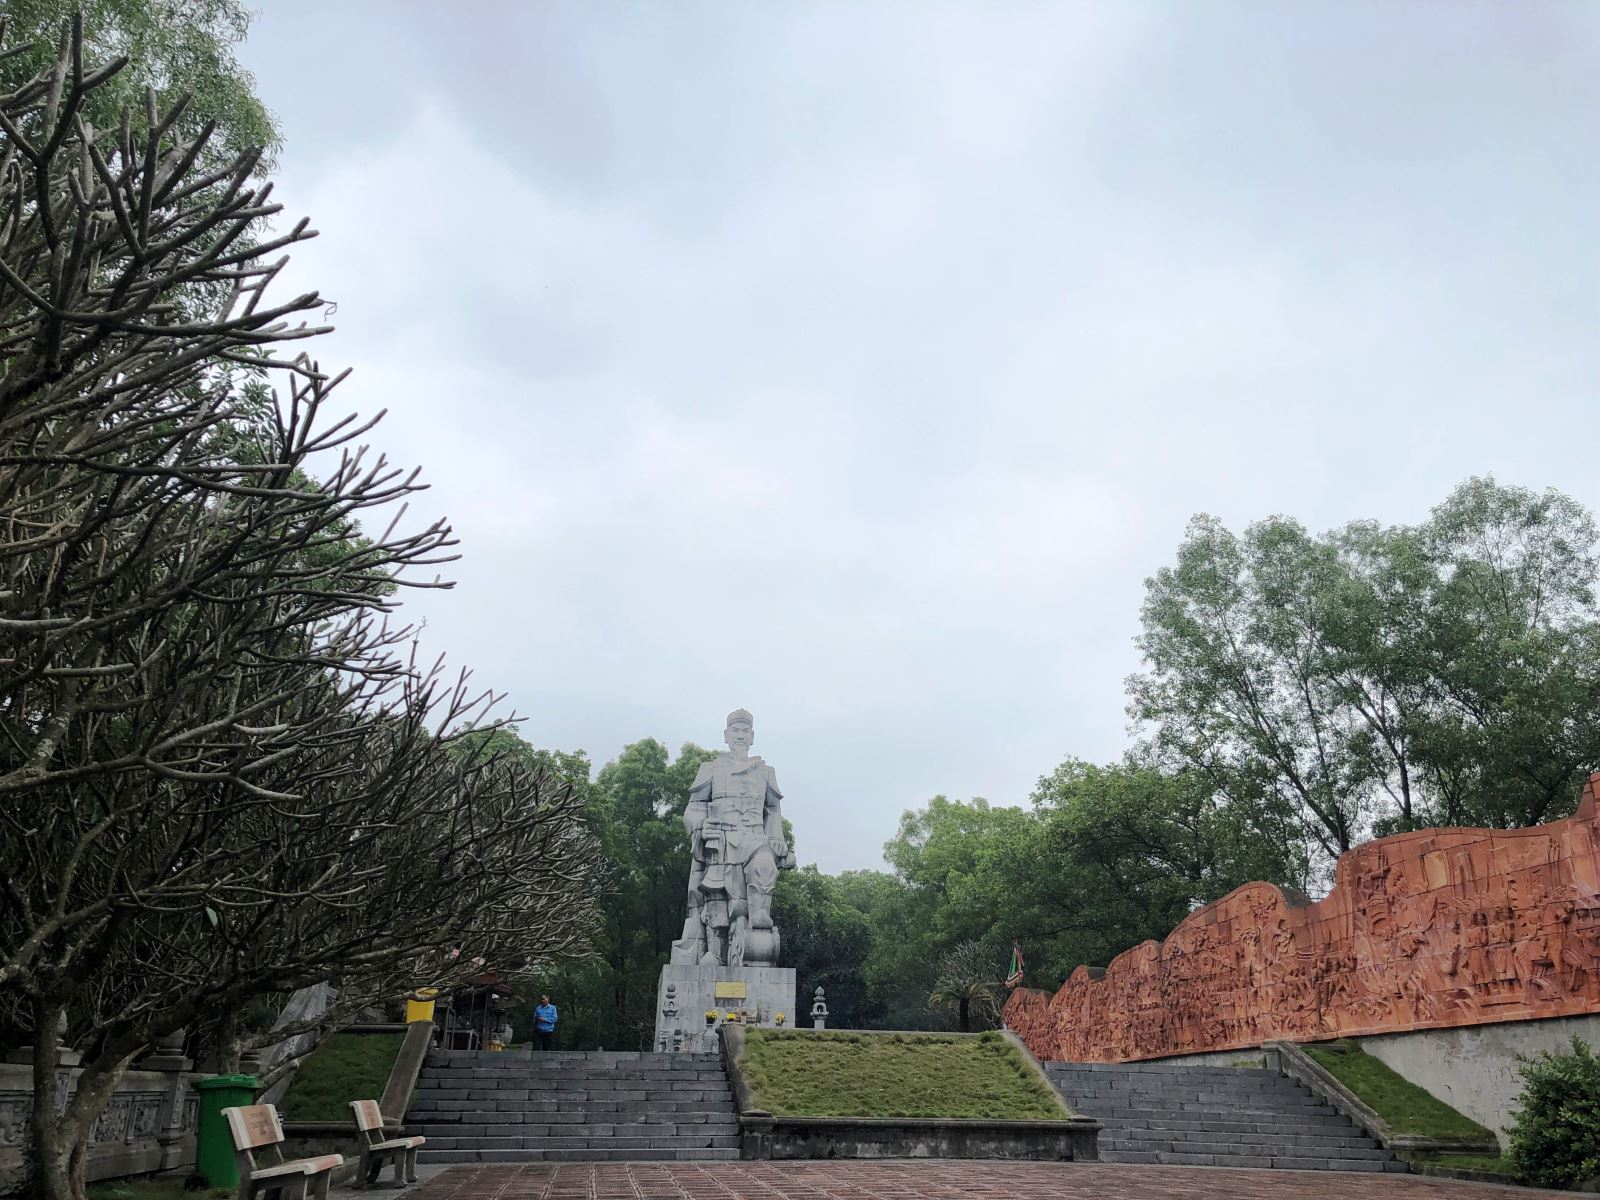 Một điểm tham quan không thể bỏ qua tại di tích này là tượng Quốc Công Tiết Chế Hưng Đạo Đại Vương Trần Quốc Tuấn, tọa lạc trên một ngọn núi thuộc dãy An Phụ có độ cao 200m so với mực nước biển, thấp hơn Đền Cao An Sinh Vương chừng 50m.